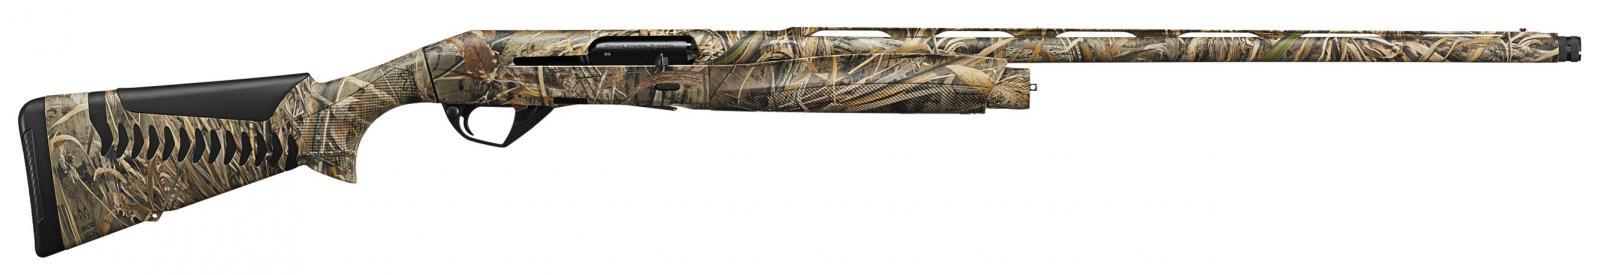 Fusil semi auto BENELLI Super Black Eagle III Max 5 Cal. 12/89